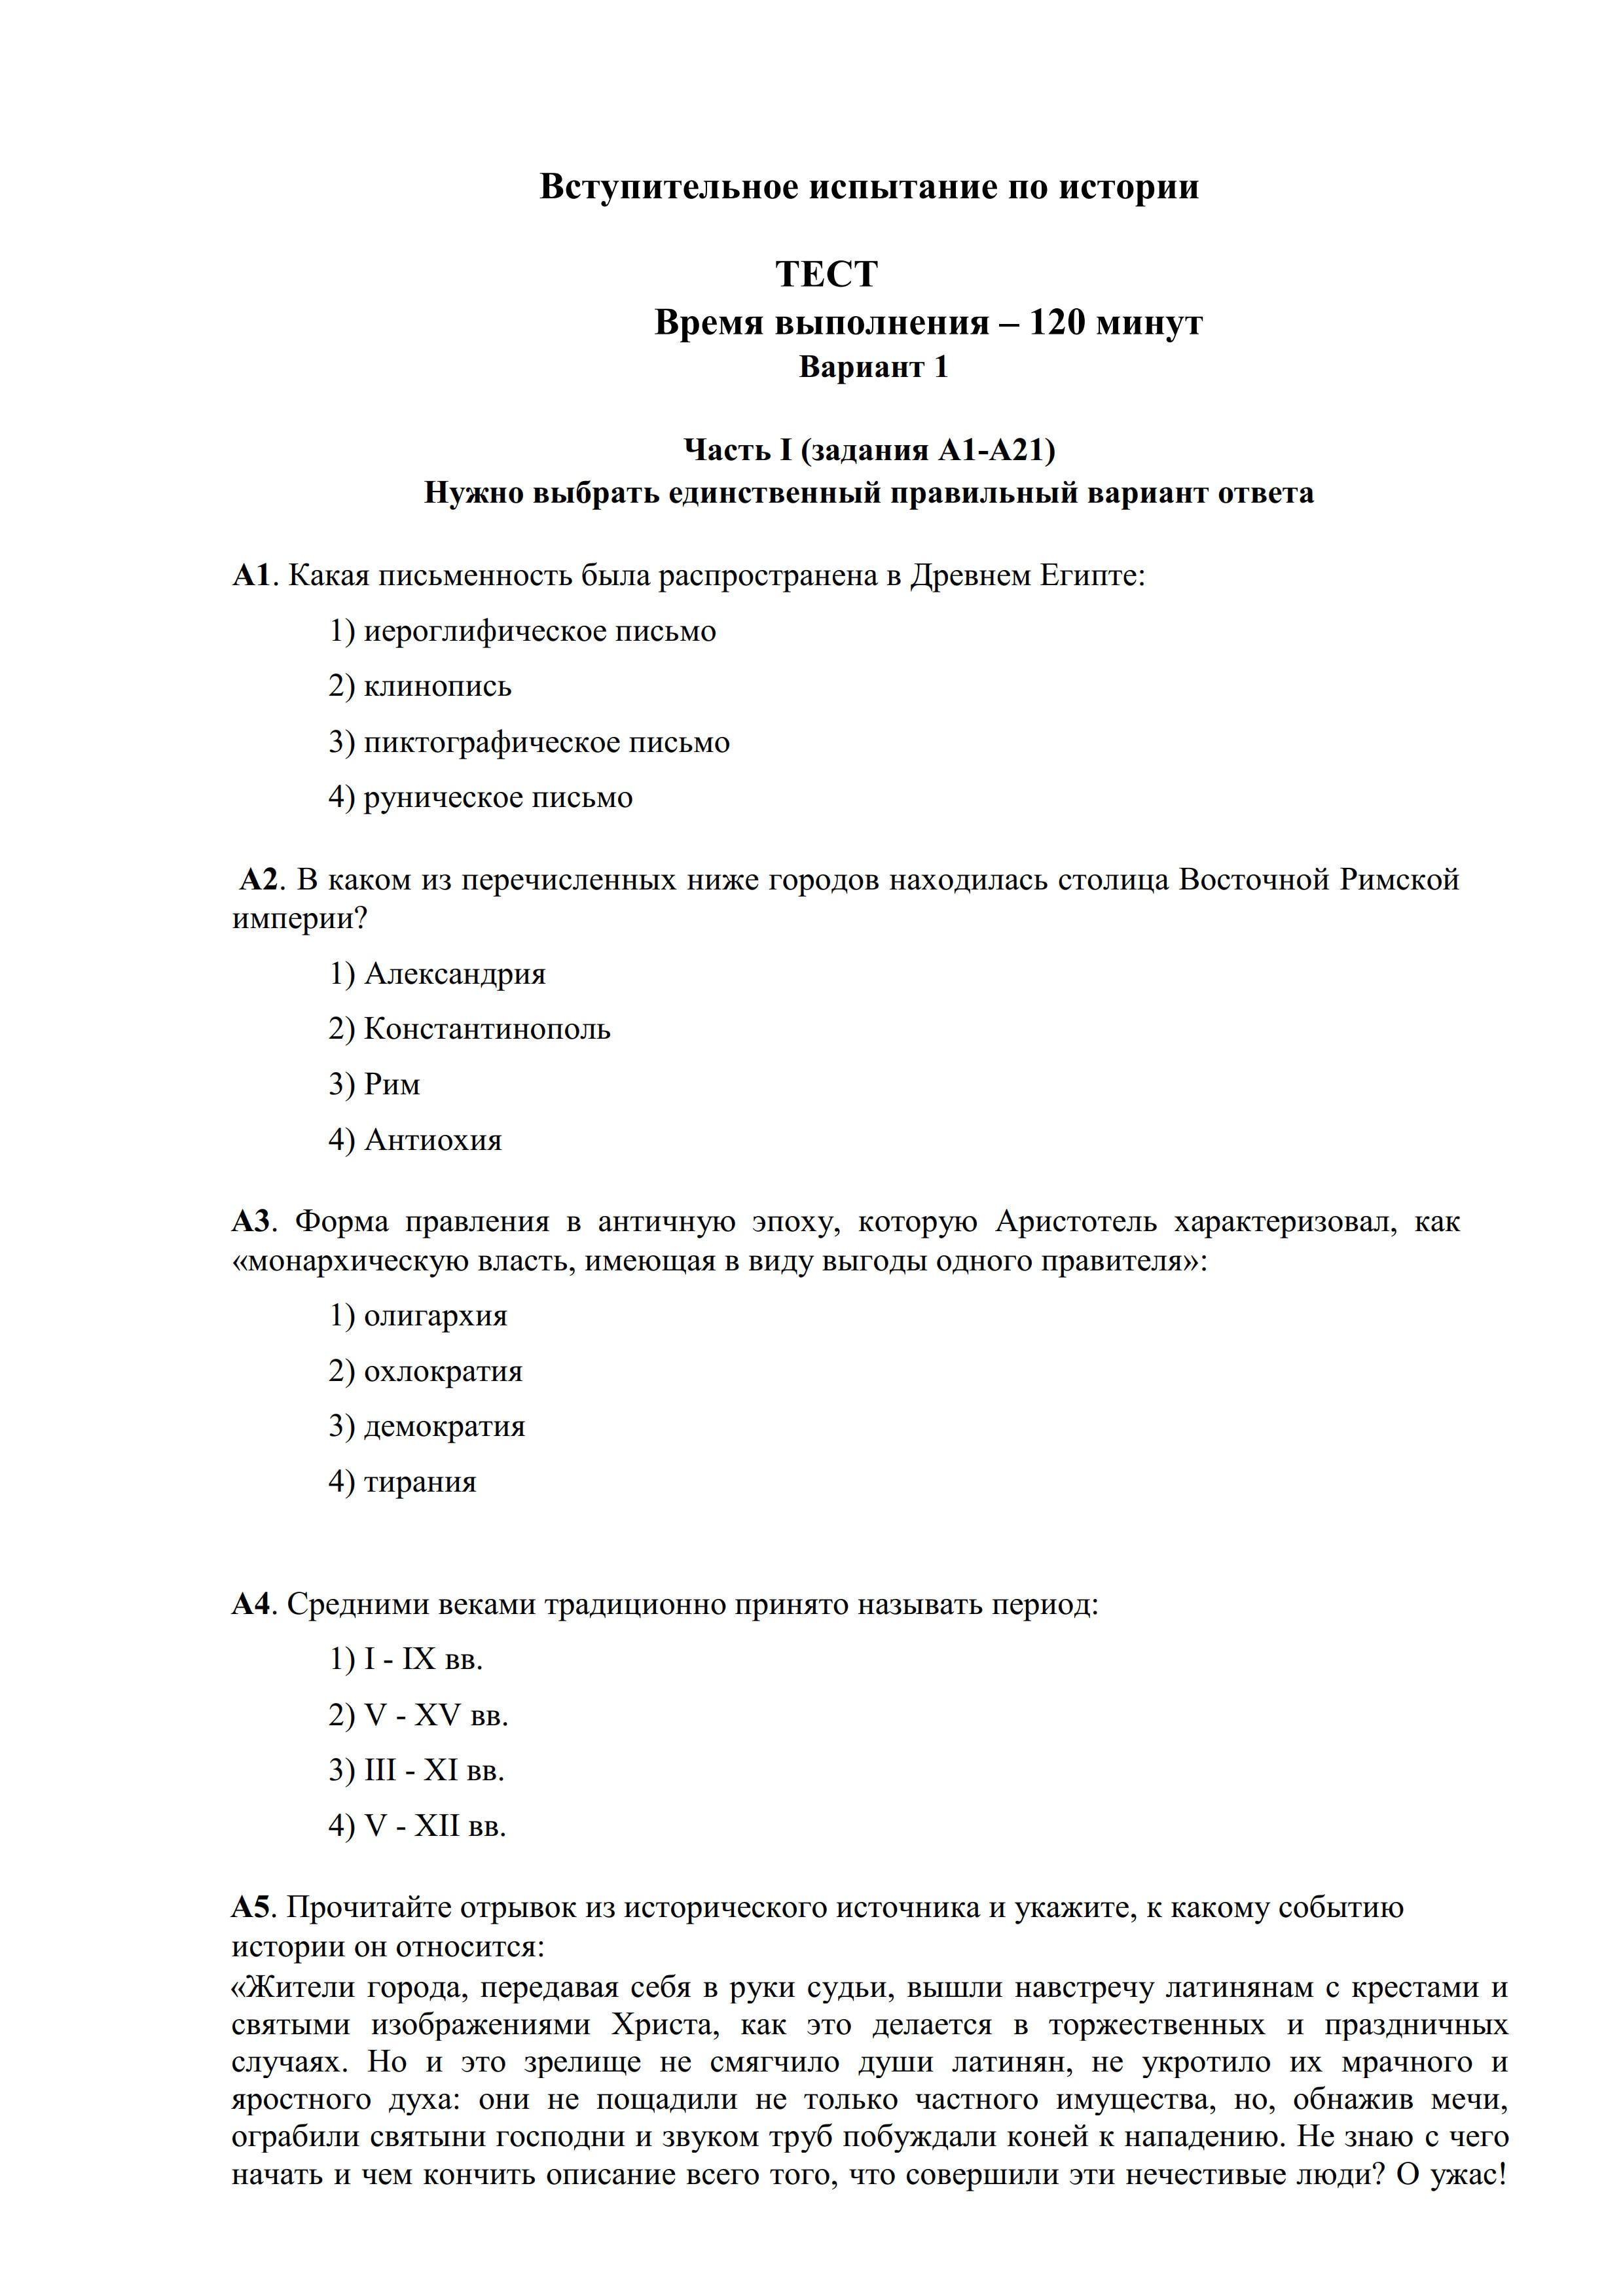 俄罗斯留学|俄罗斯大学入学考试真题|俄罗斯大学